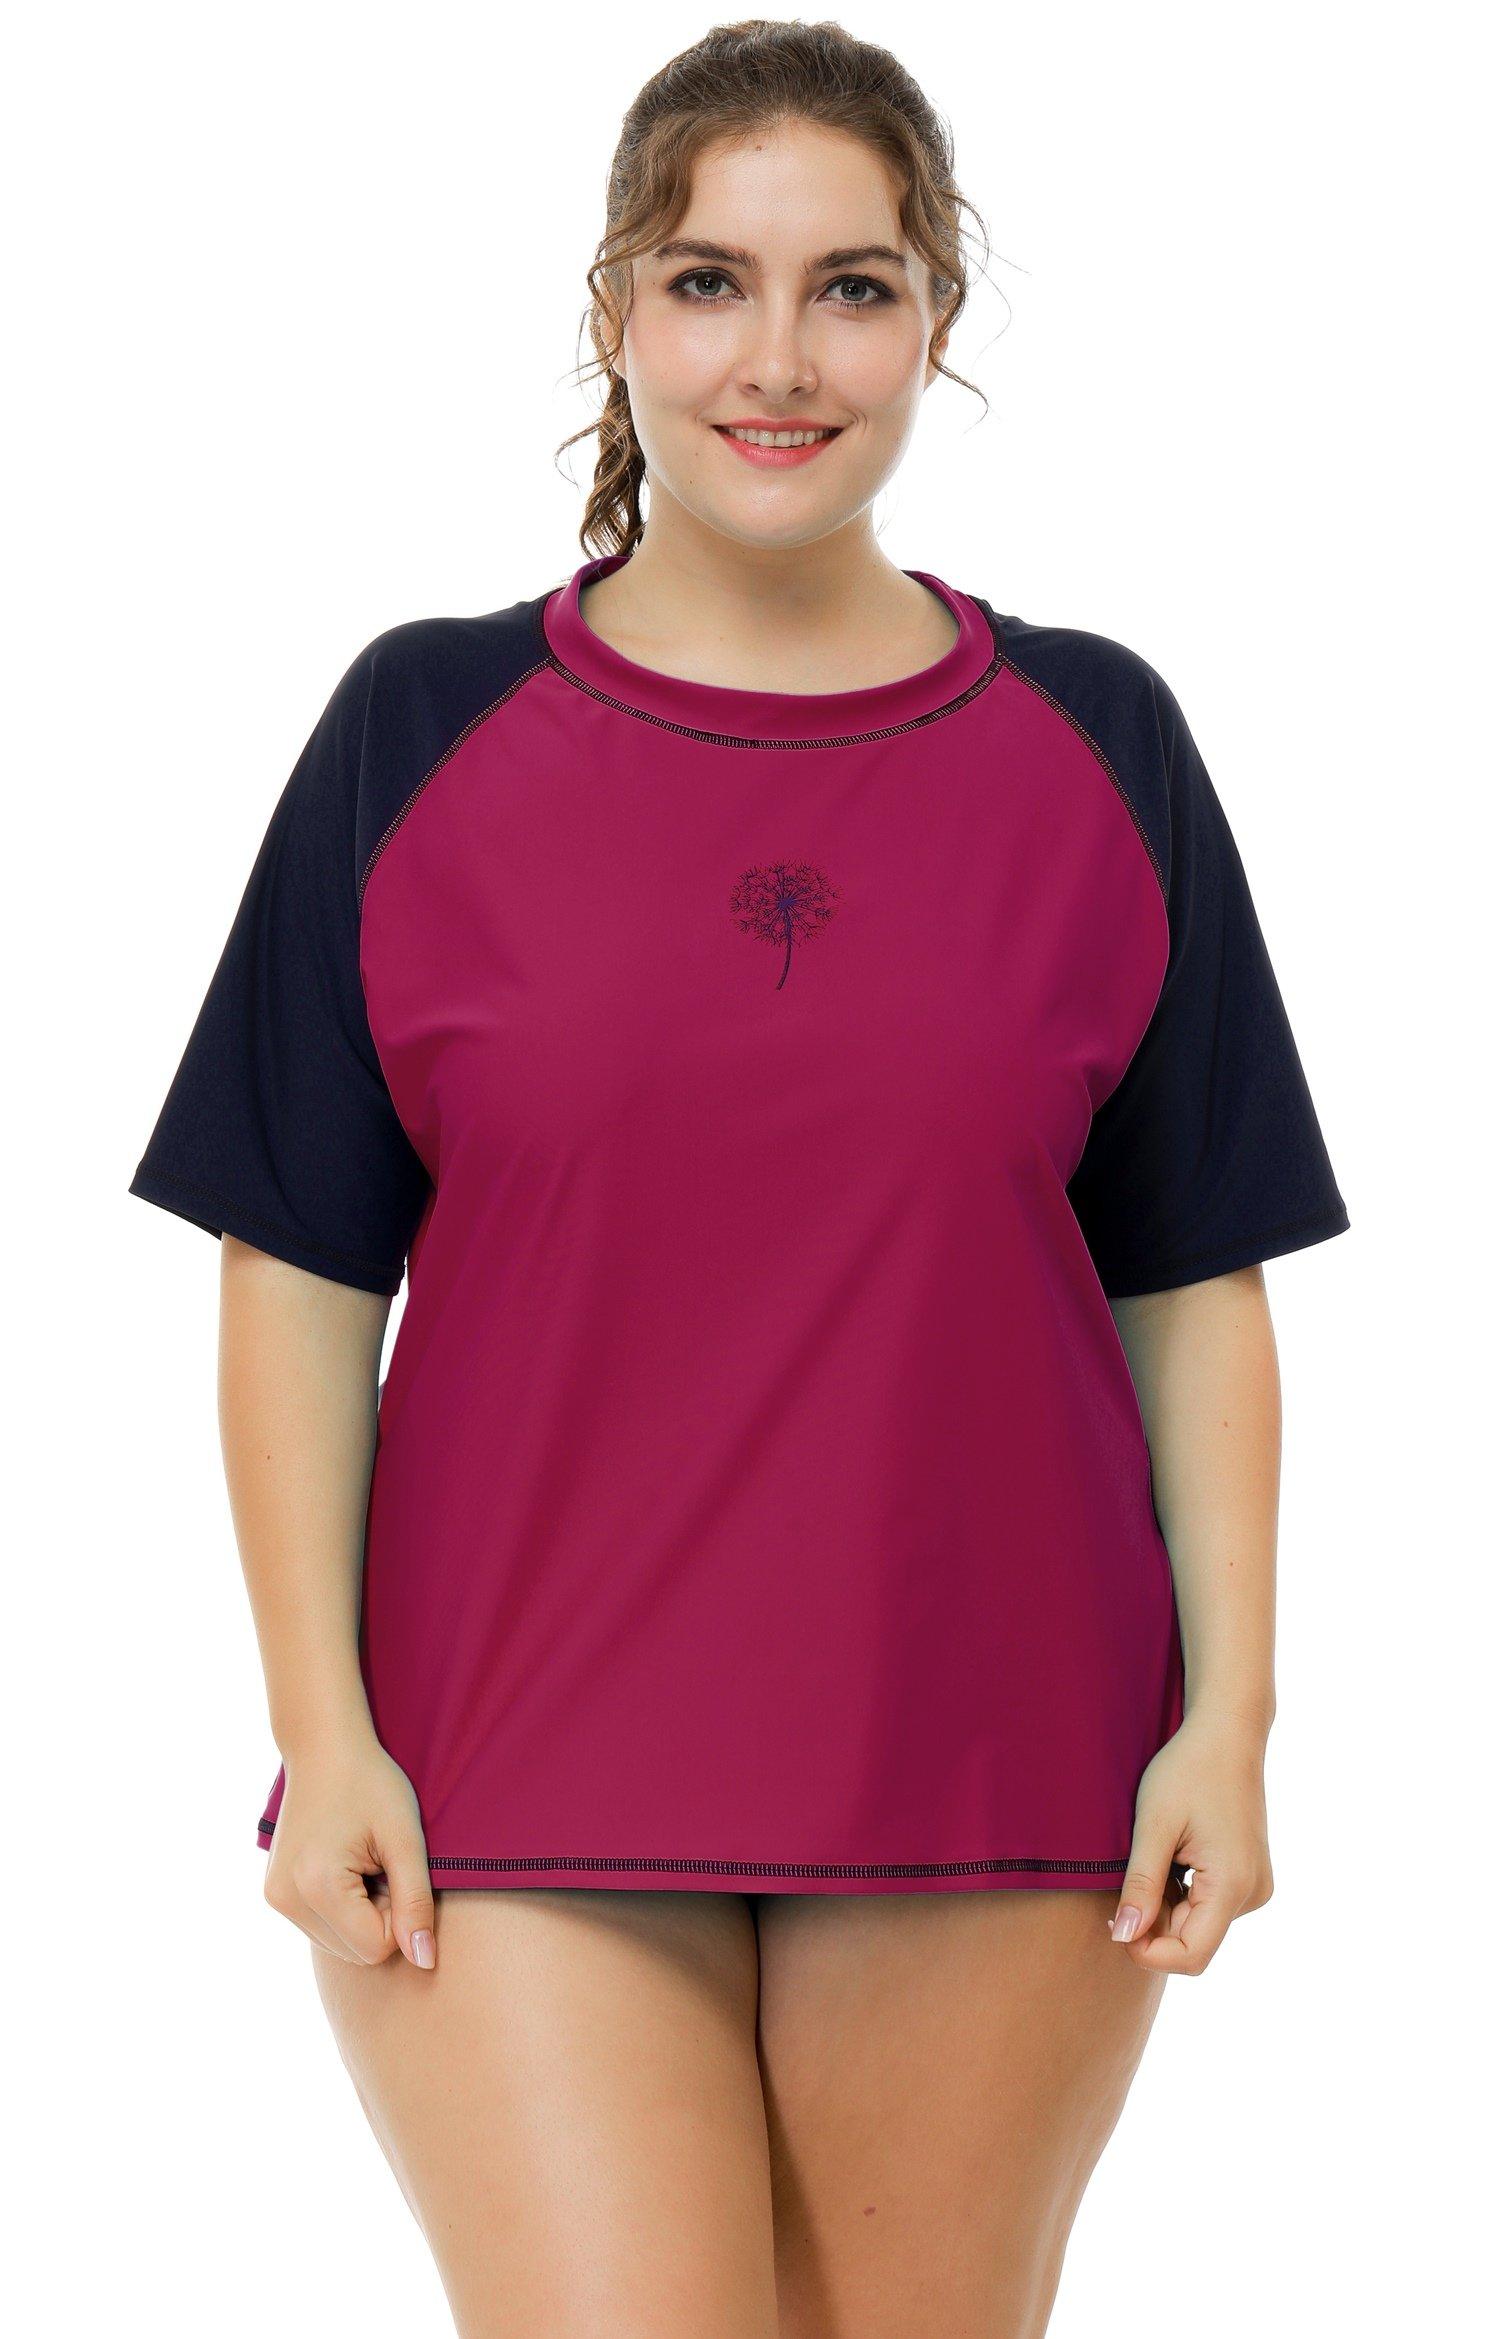 ATTRACO Womens Plus Size Rash Guard Short Sleeve Swim Shirt SPF 50+ 1x by ATTRACO